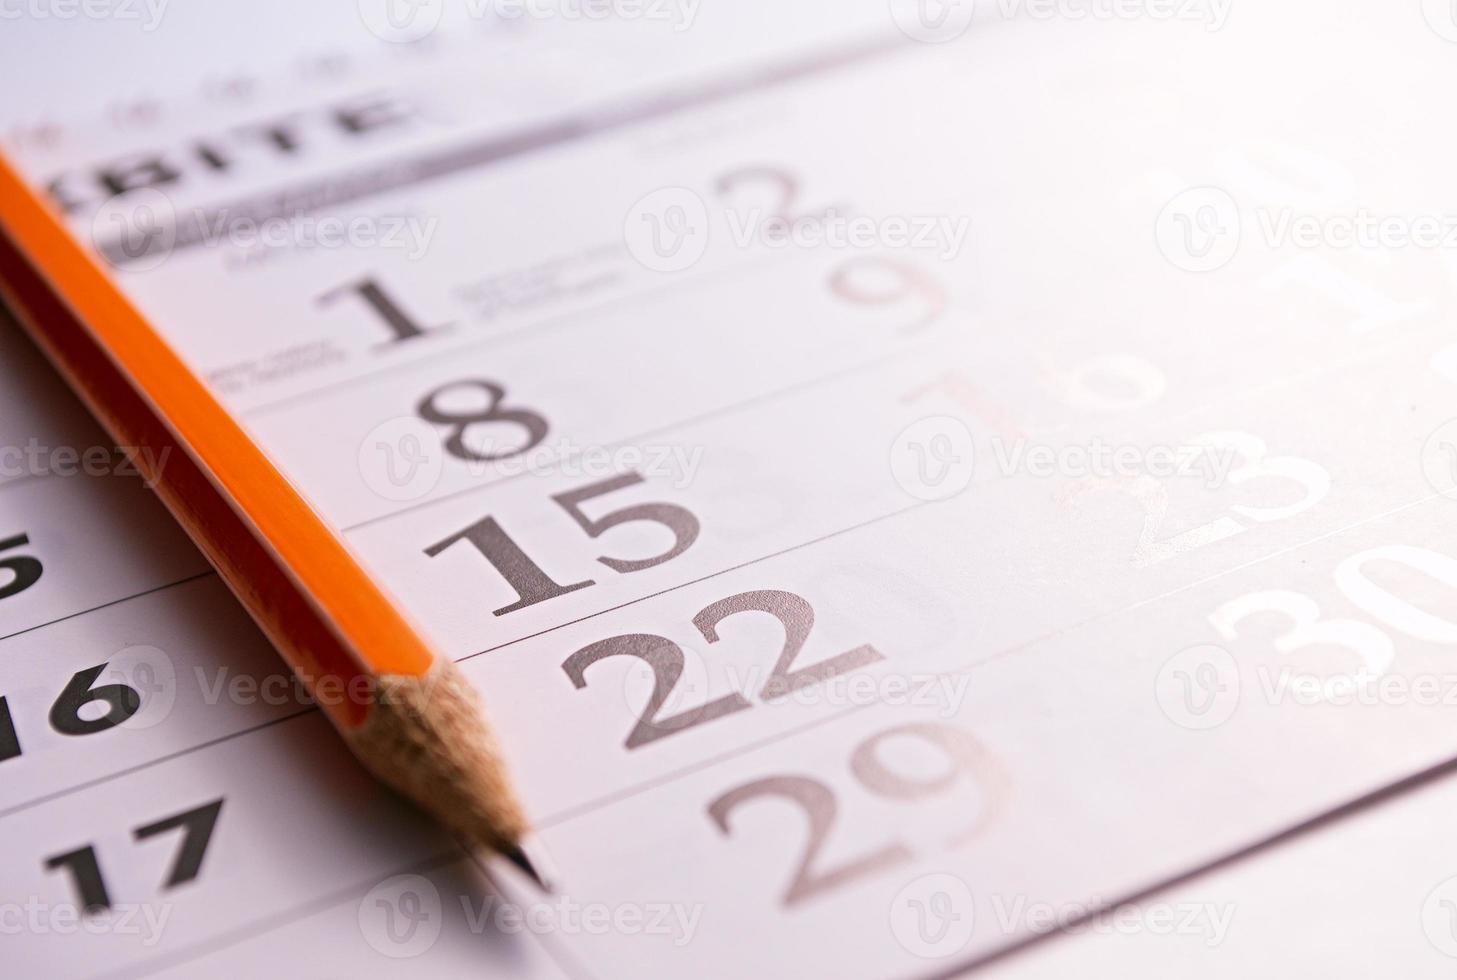 primo piano di una matita sulla pagina di un calendario foto